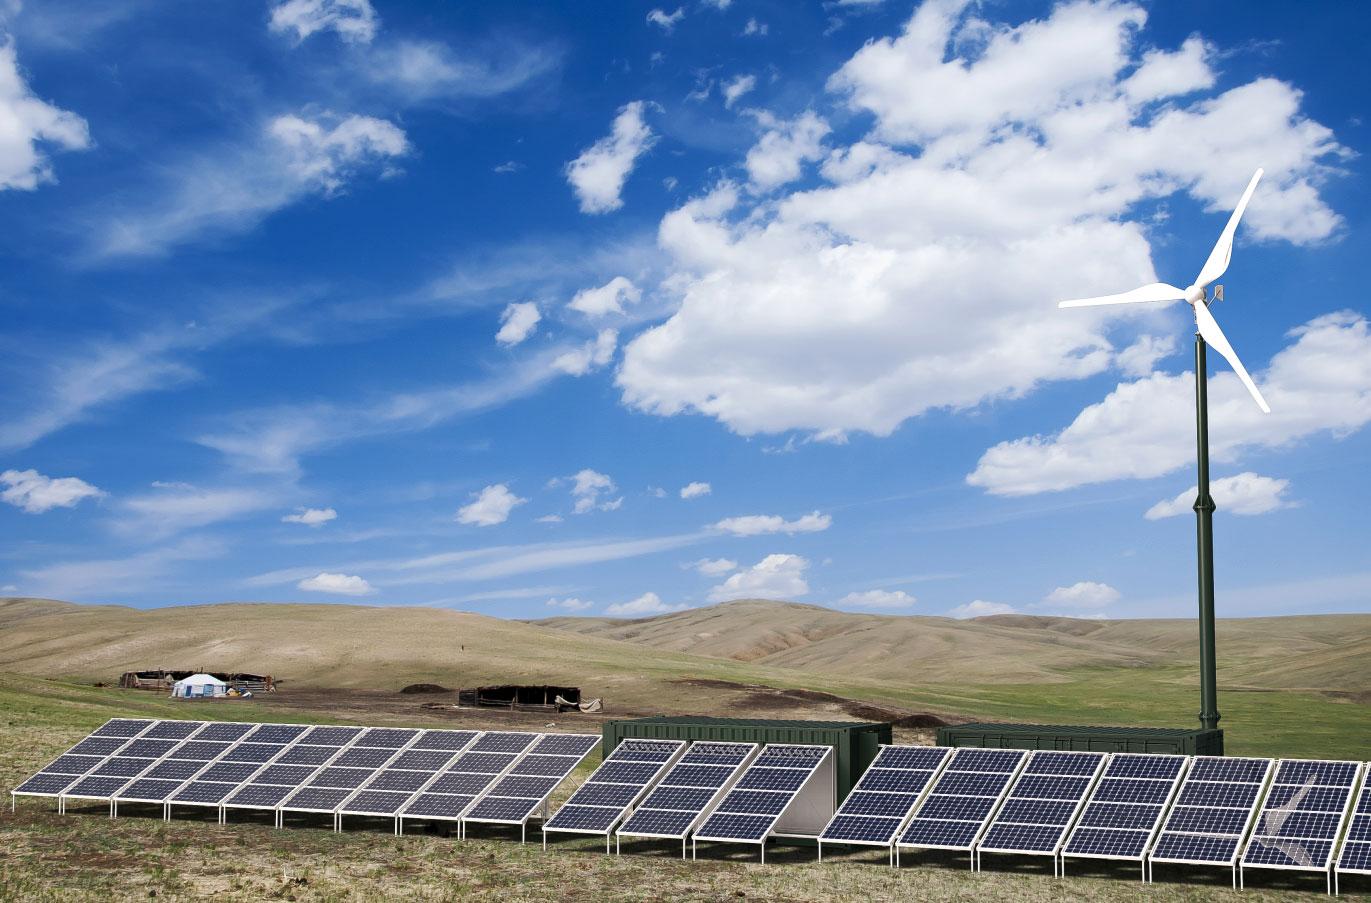 Das hybride Energiesystem CrossPower von Pfisterer ermöglicht erstmals eine zuverlässige dezentrale regenerative Stromversorgung. / Pressebild